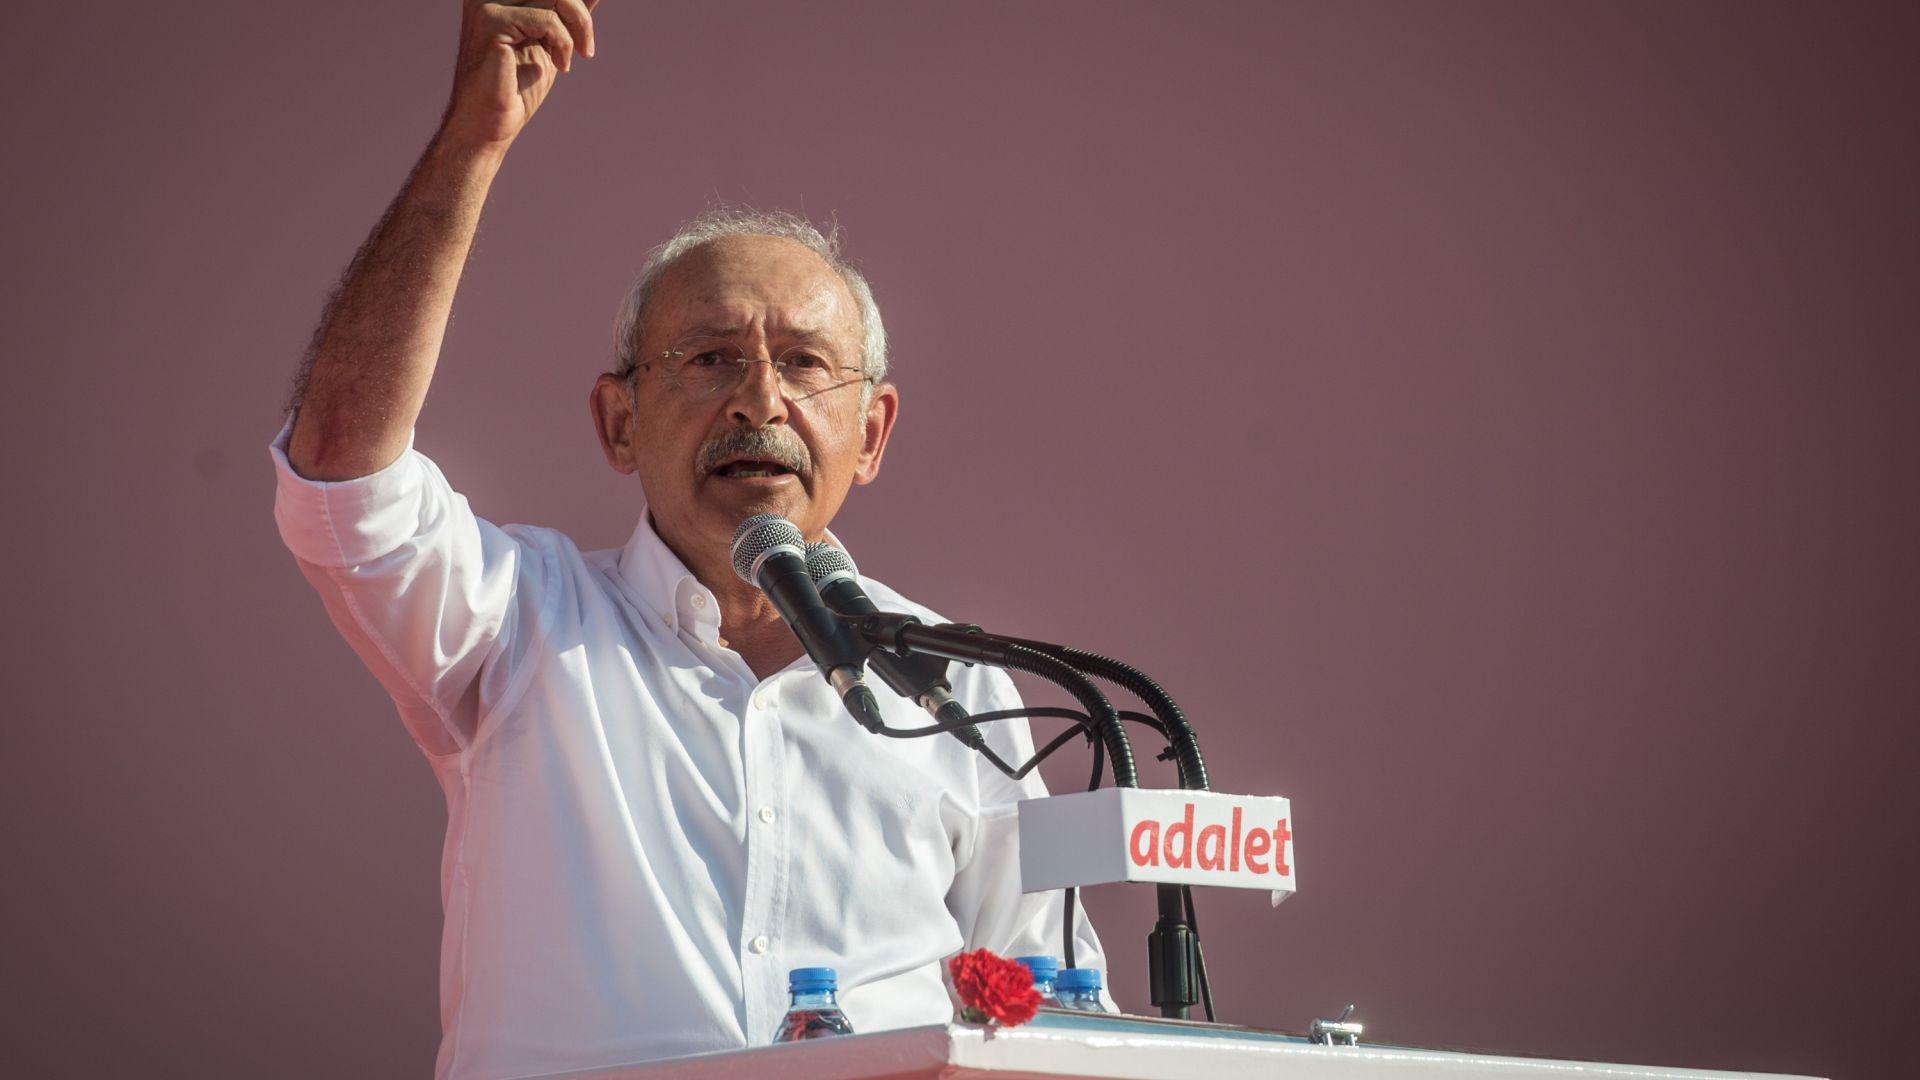 Турската опозиция обвини Ердоган във връзки с Гюлен, заведе иск за 5 куруша